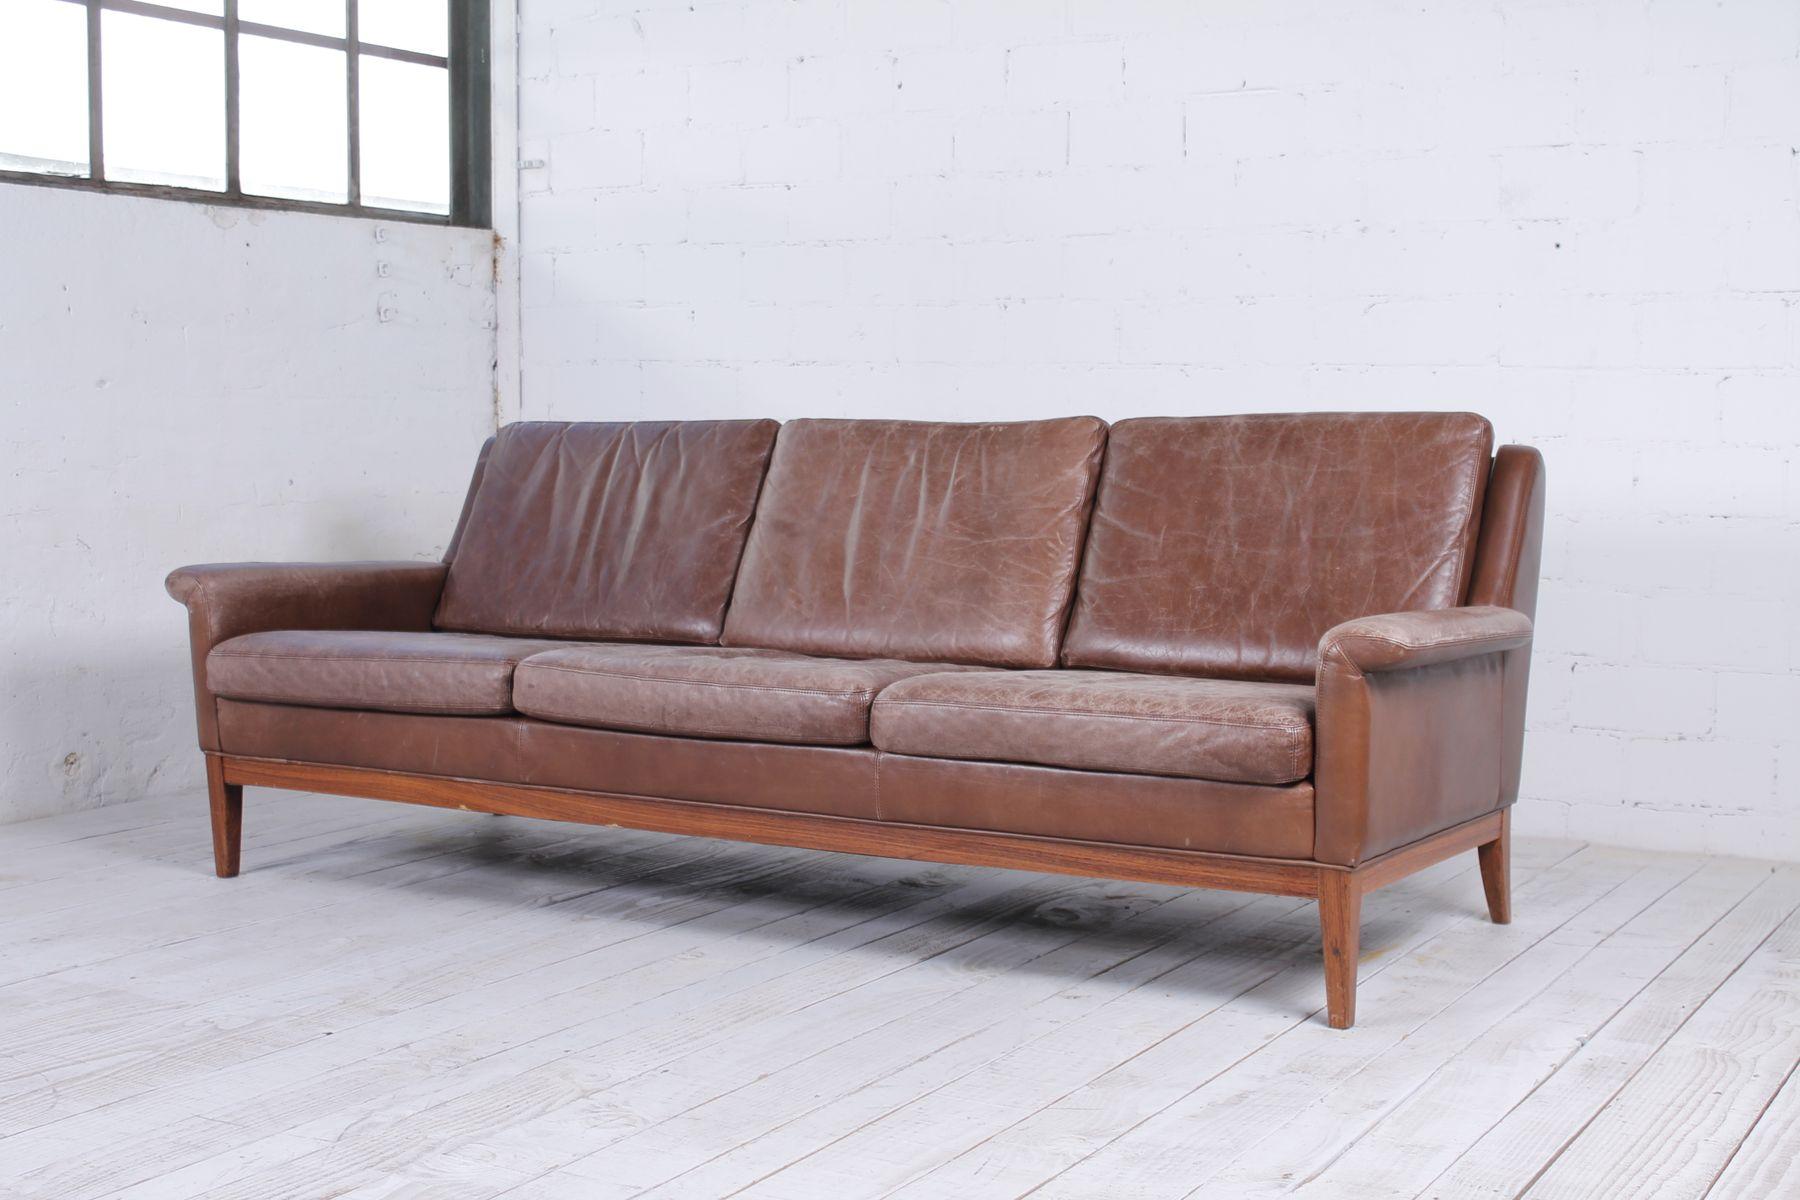 canap mid century scandinave en cuir 1960s en vente sur pamono. Black Bedroom Furniture Sets. Home Design Ideas